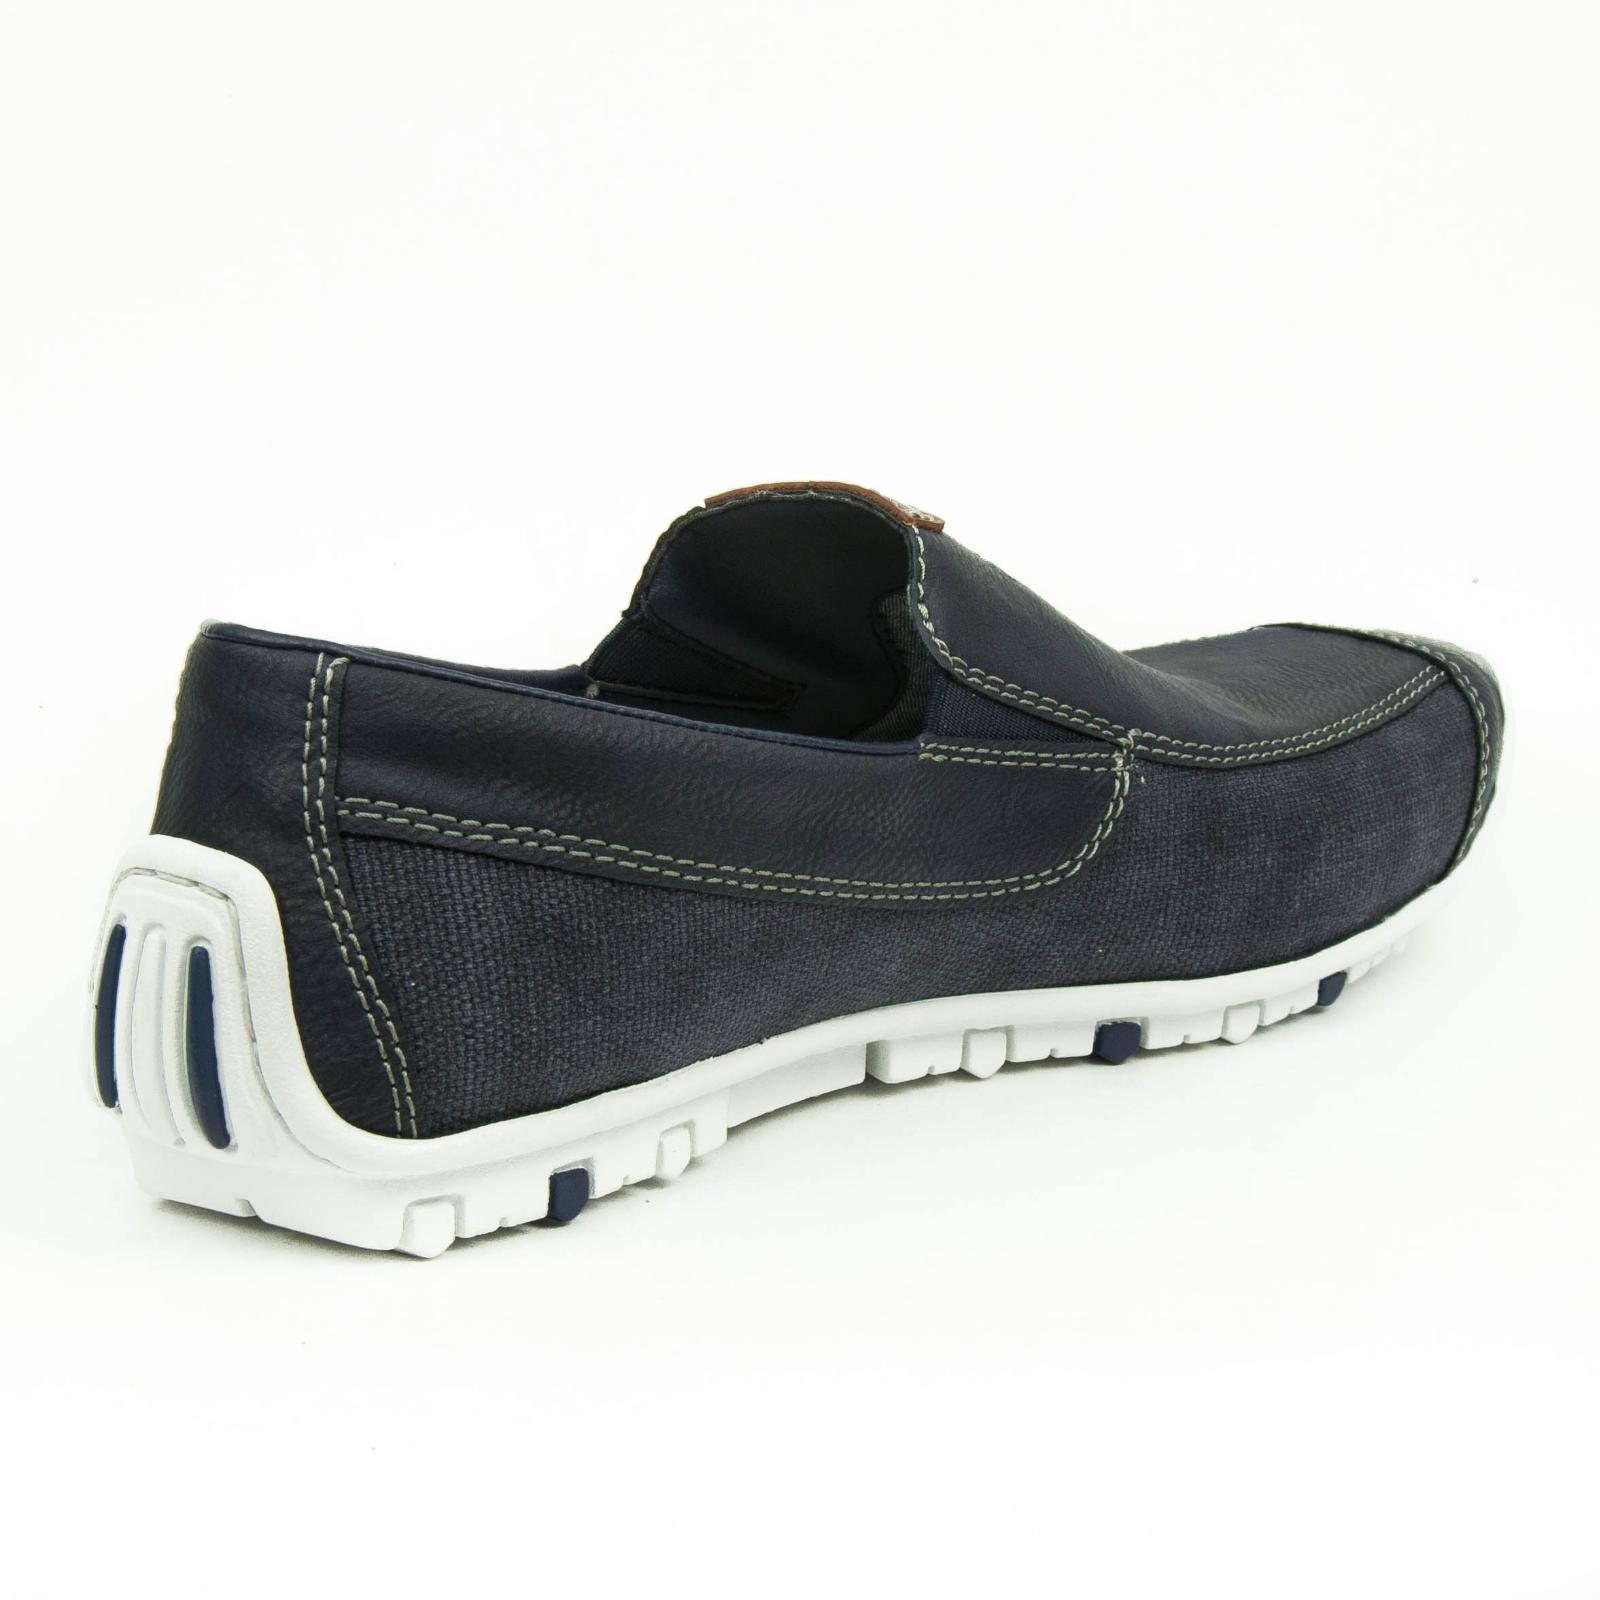 Details zu Rieker Balti Leinen Scuba Schuhe Slipper Halbschuhe Freizeit Sneaker B9265 15